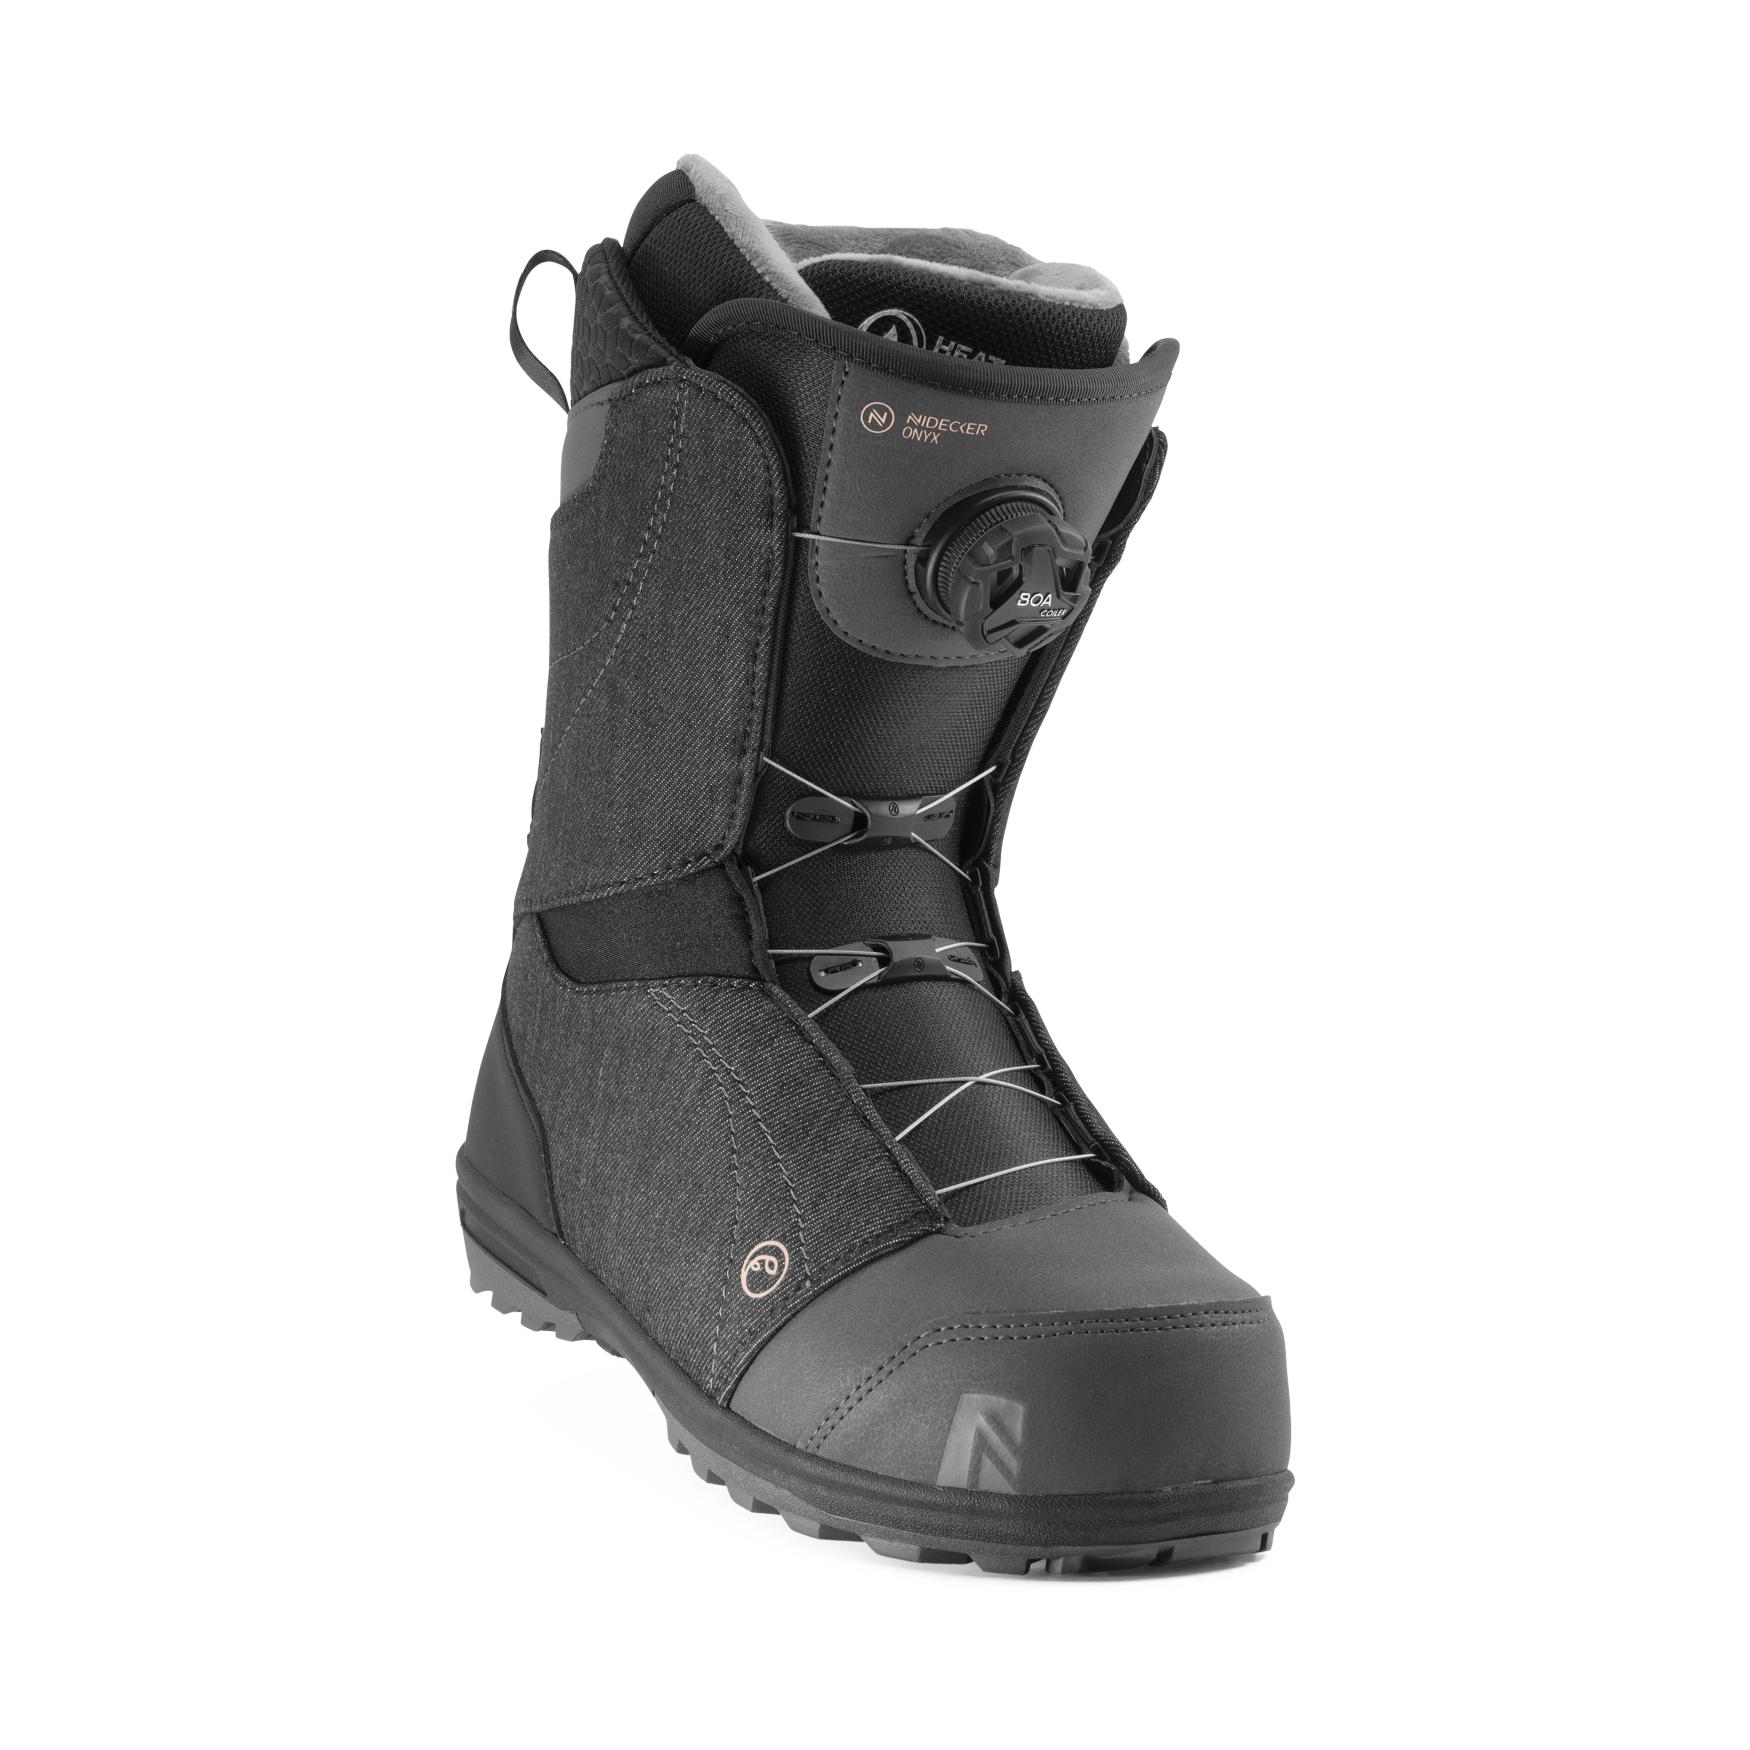 Boots snowboard Femei Nidecker Onyx Coiler Negru 20/21 imagine